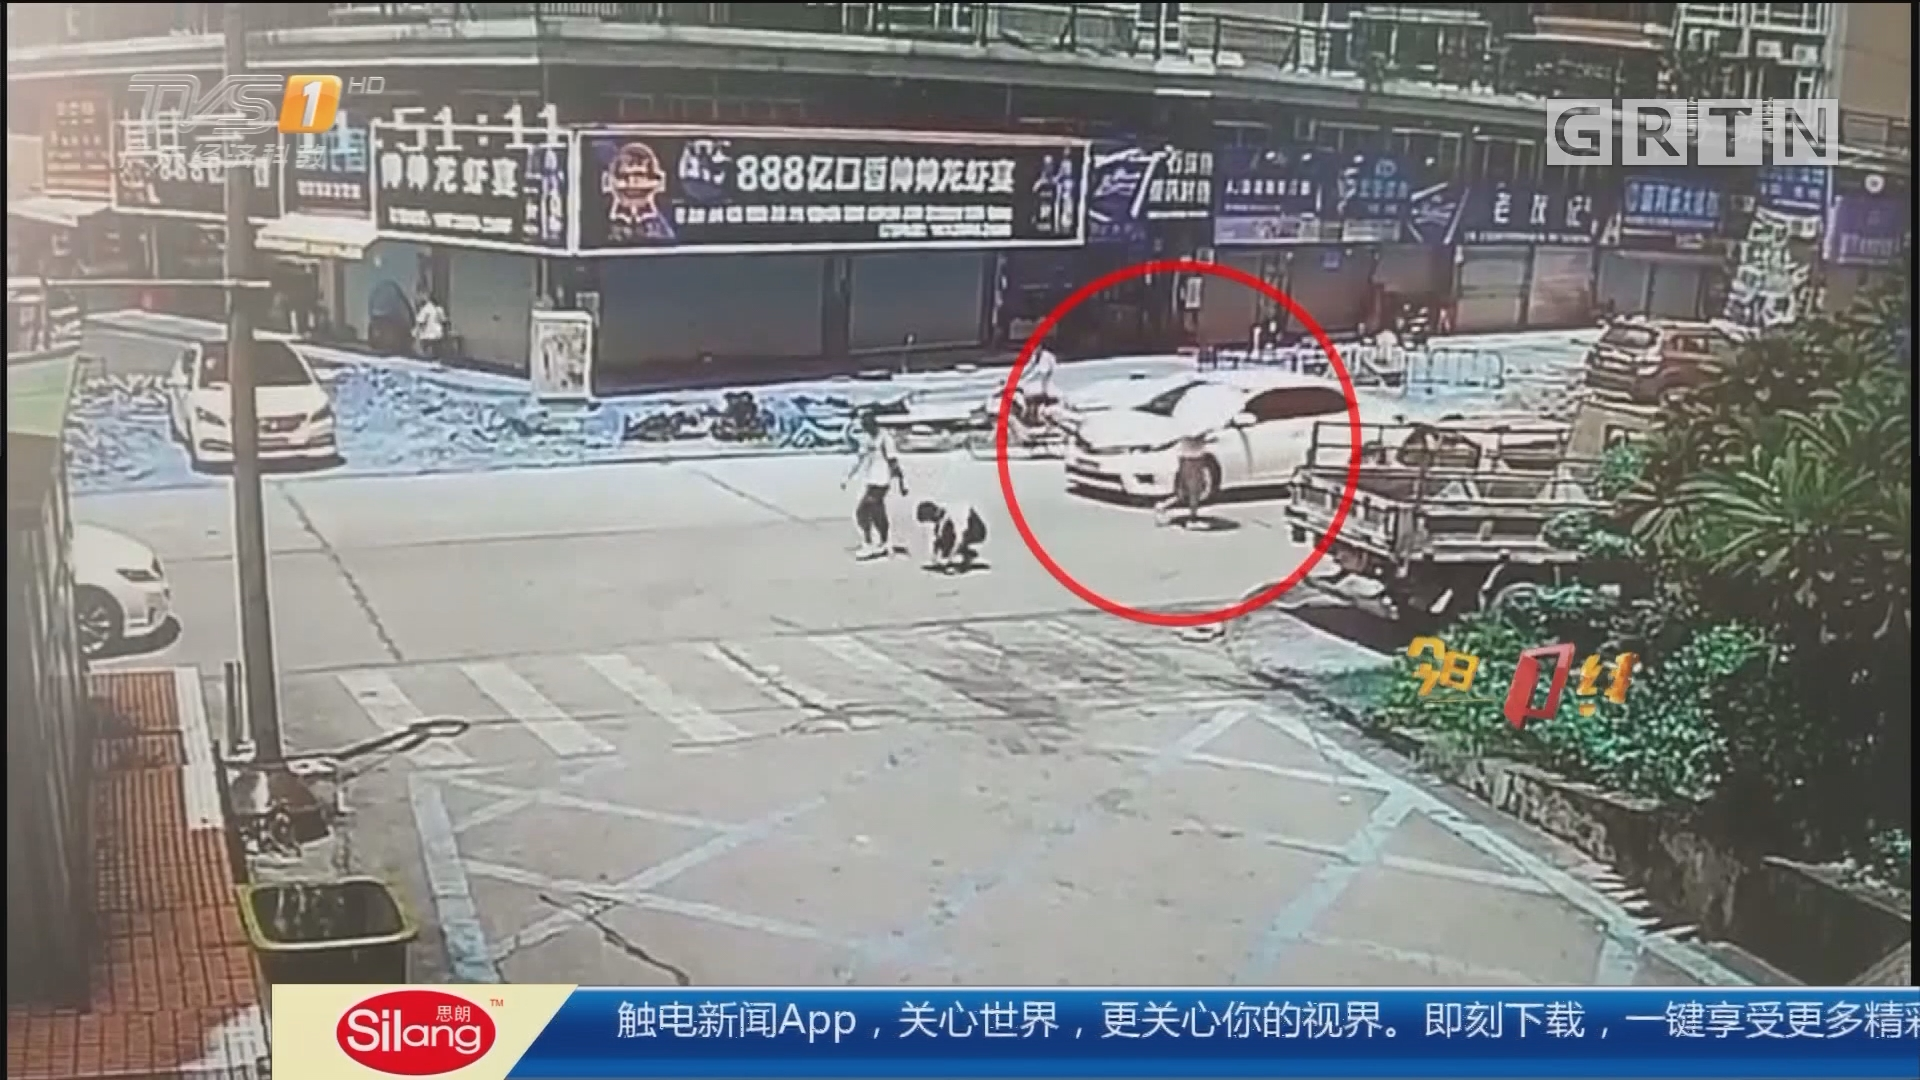 珠海香洲:男子系鞋带被卷车底 街坊抬车救人